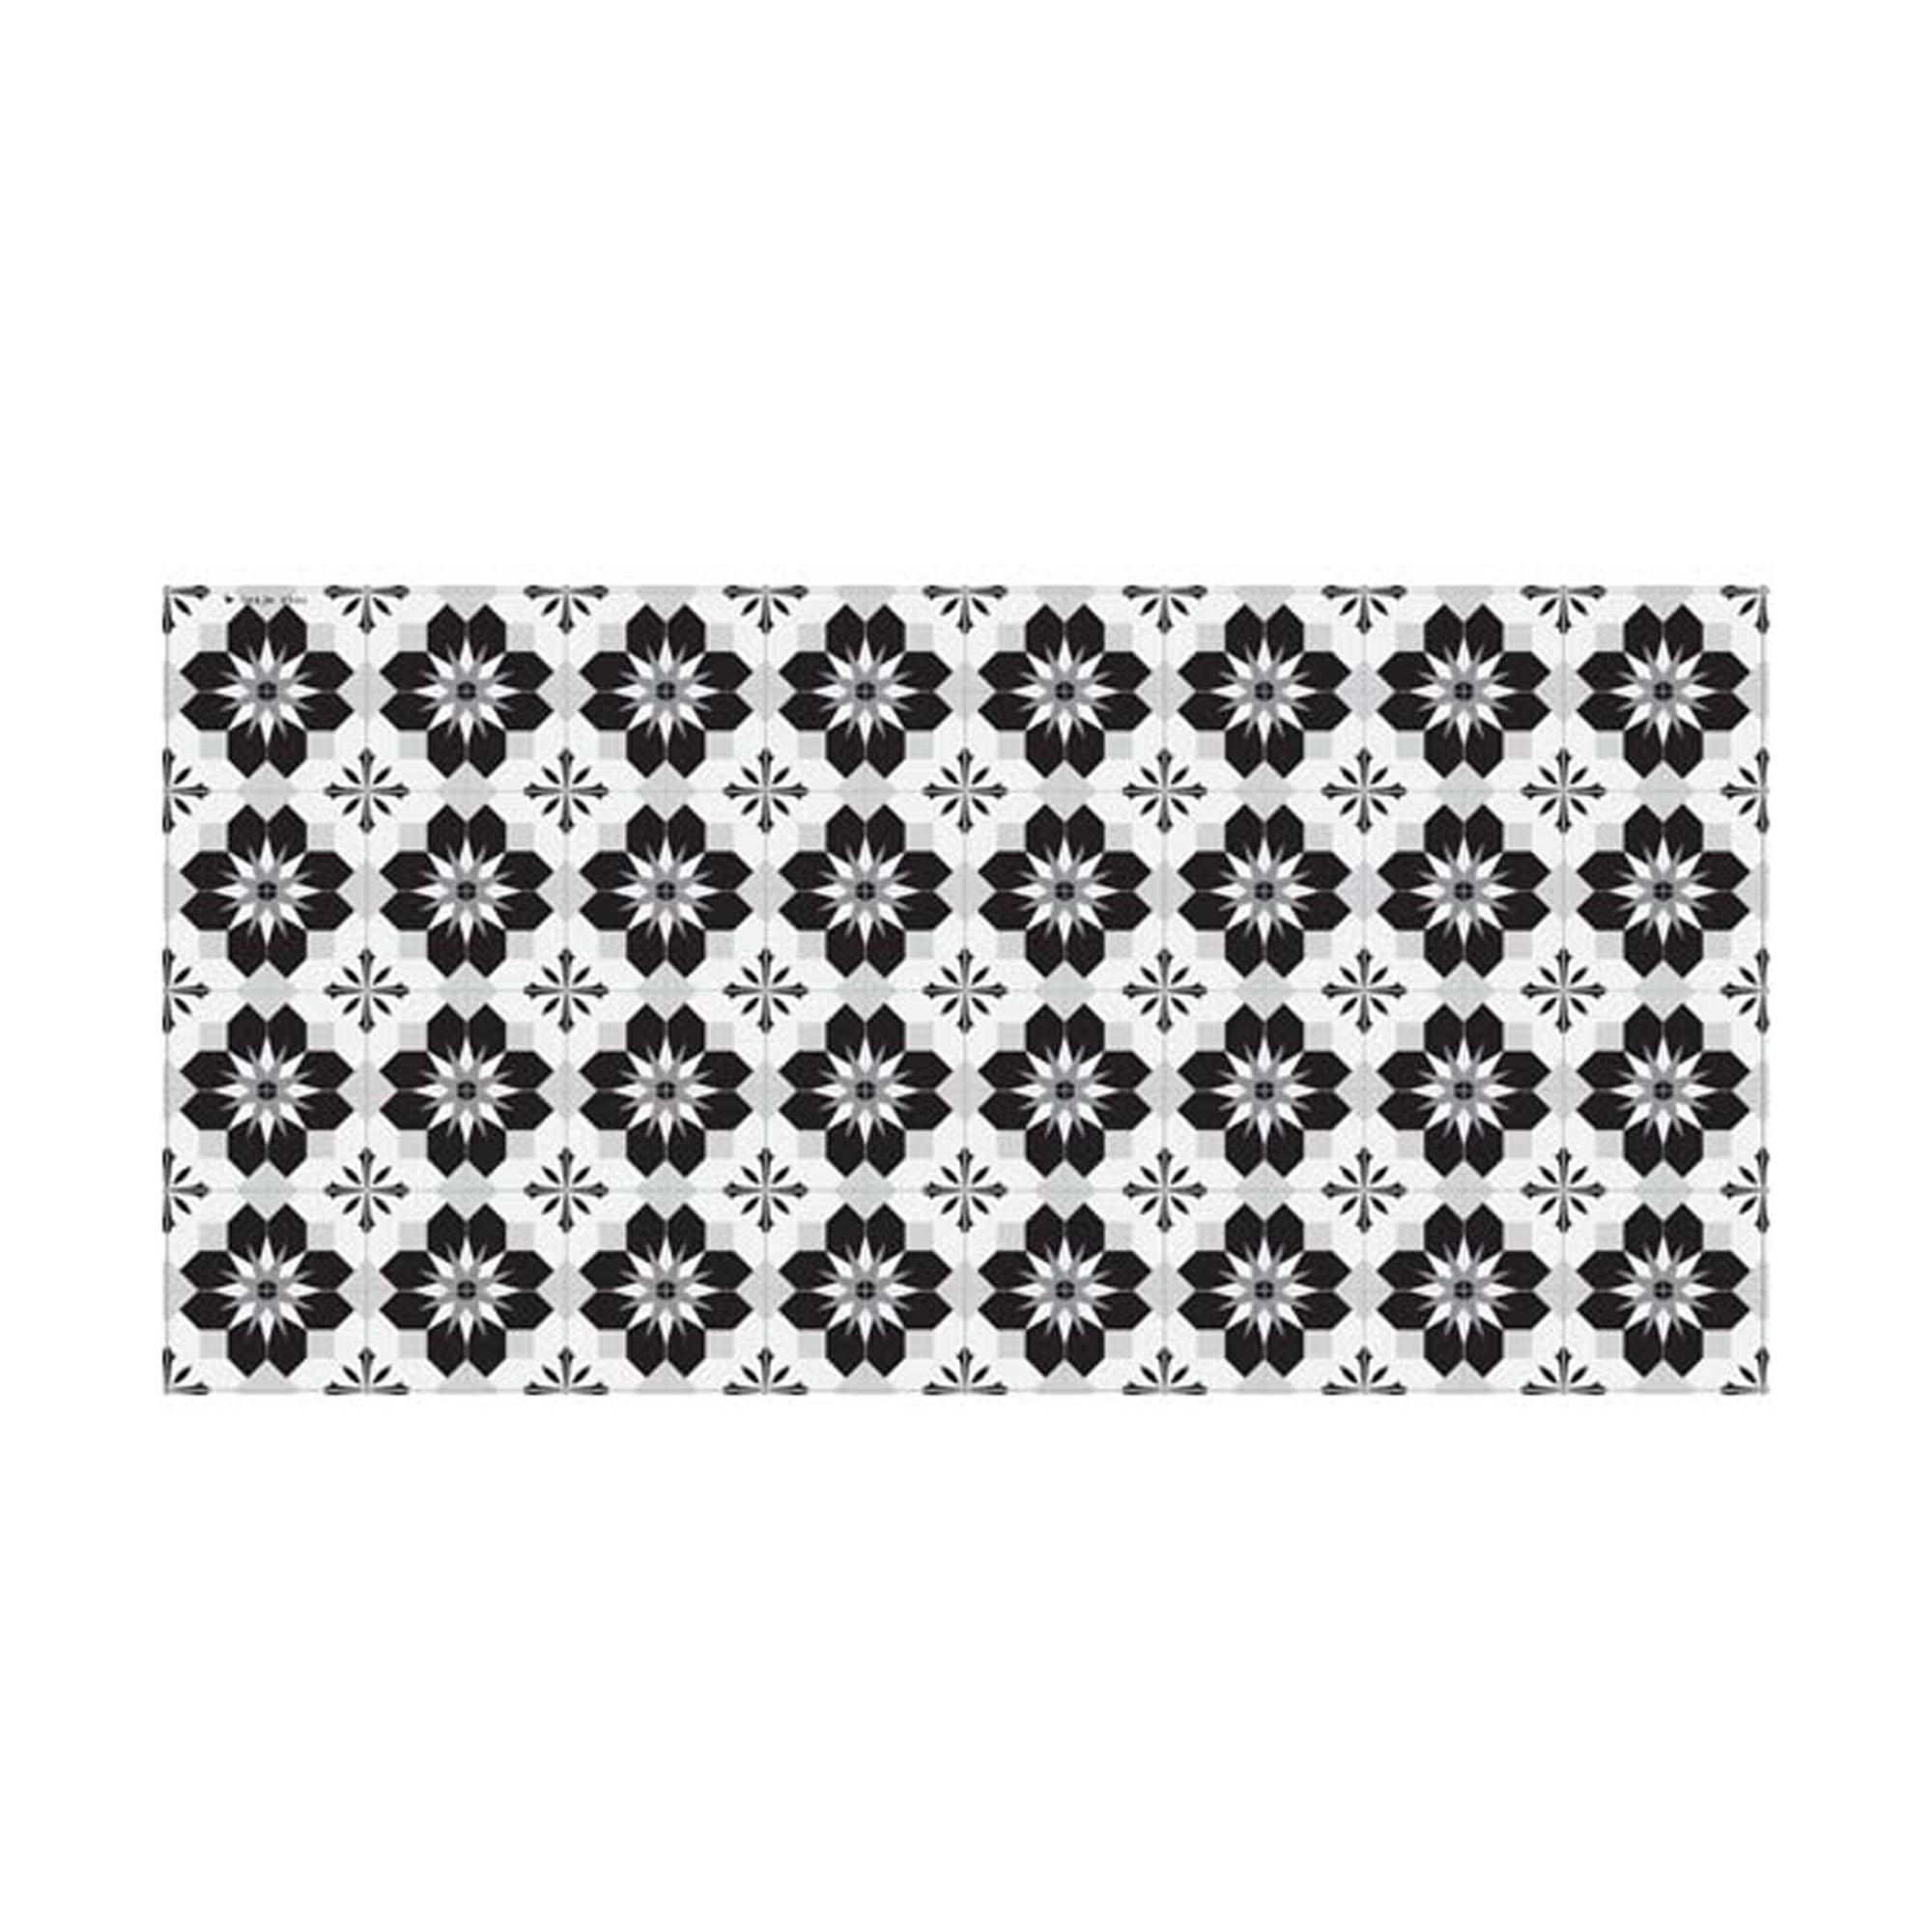 Dessous de plat en mdf noir blanc gris